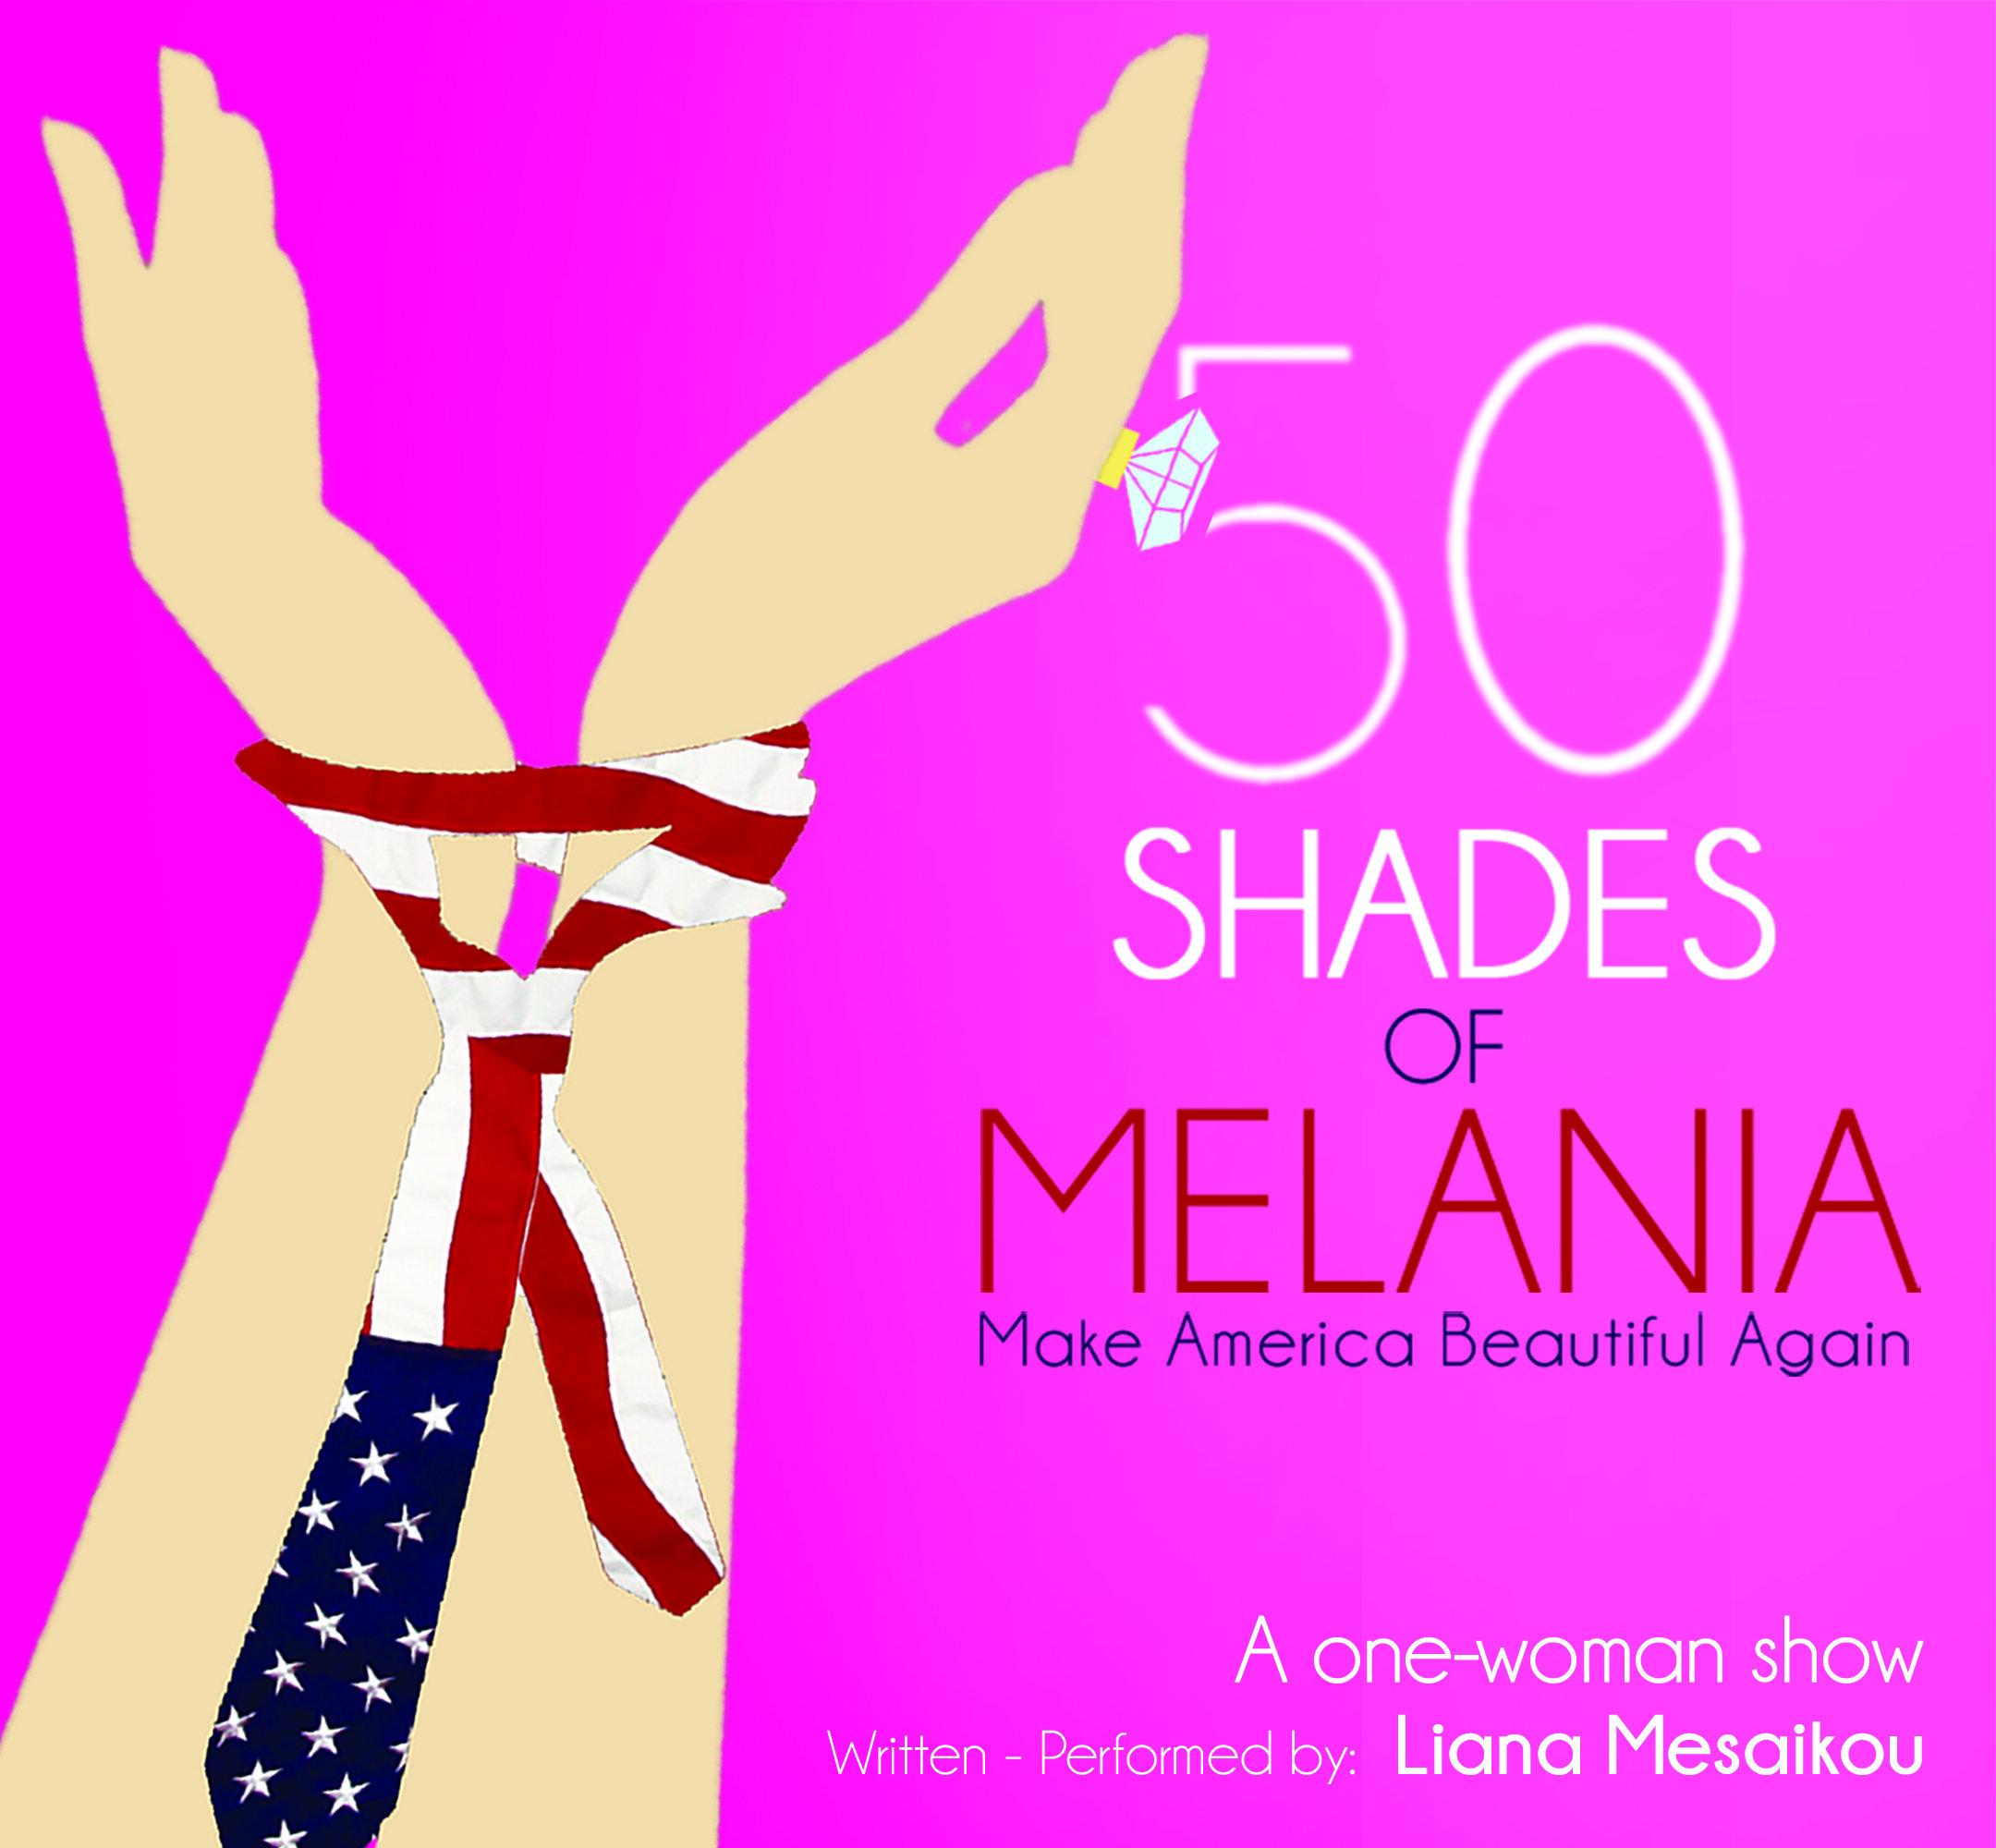 50 shades of MELANIA poster A.jpg